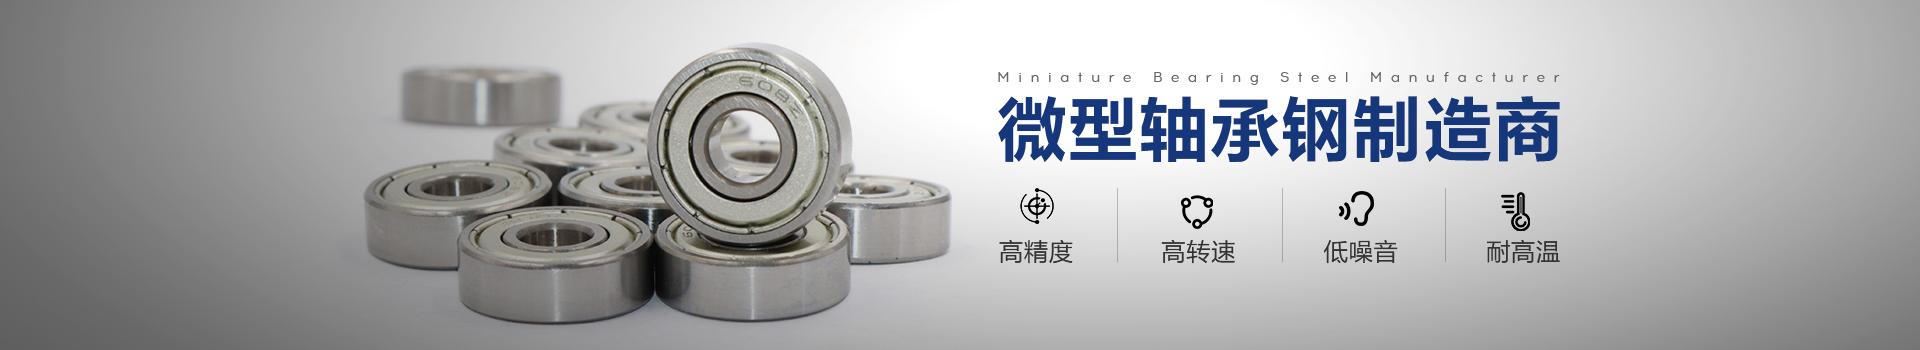 嘉时轴承-微型轴承钢制造商